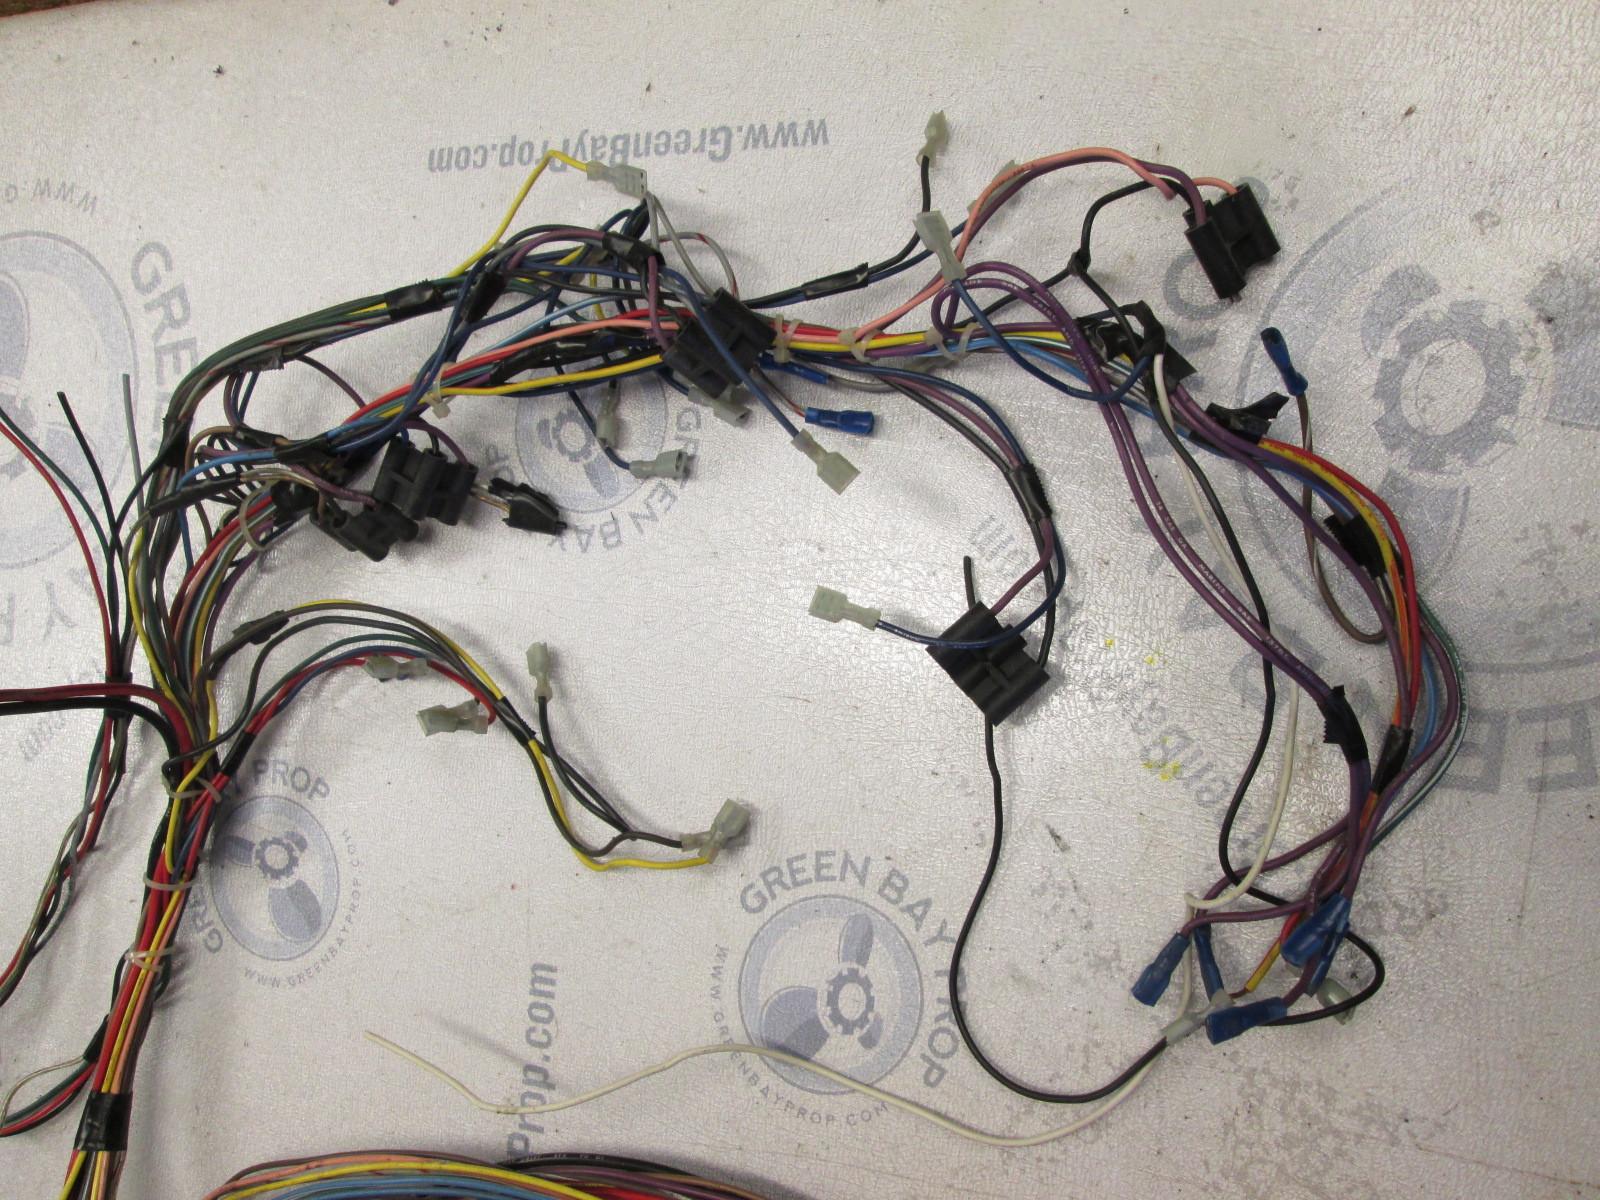 1986 bayliner fuse diagram hw 5810  bayliner wiring harness wiring diagram  bayliner wiring harness wiring diagram